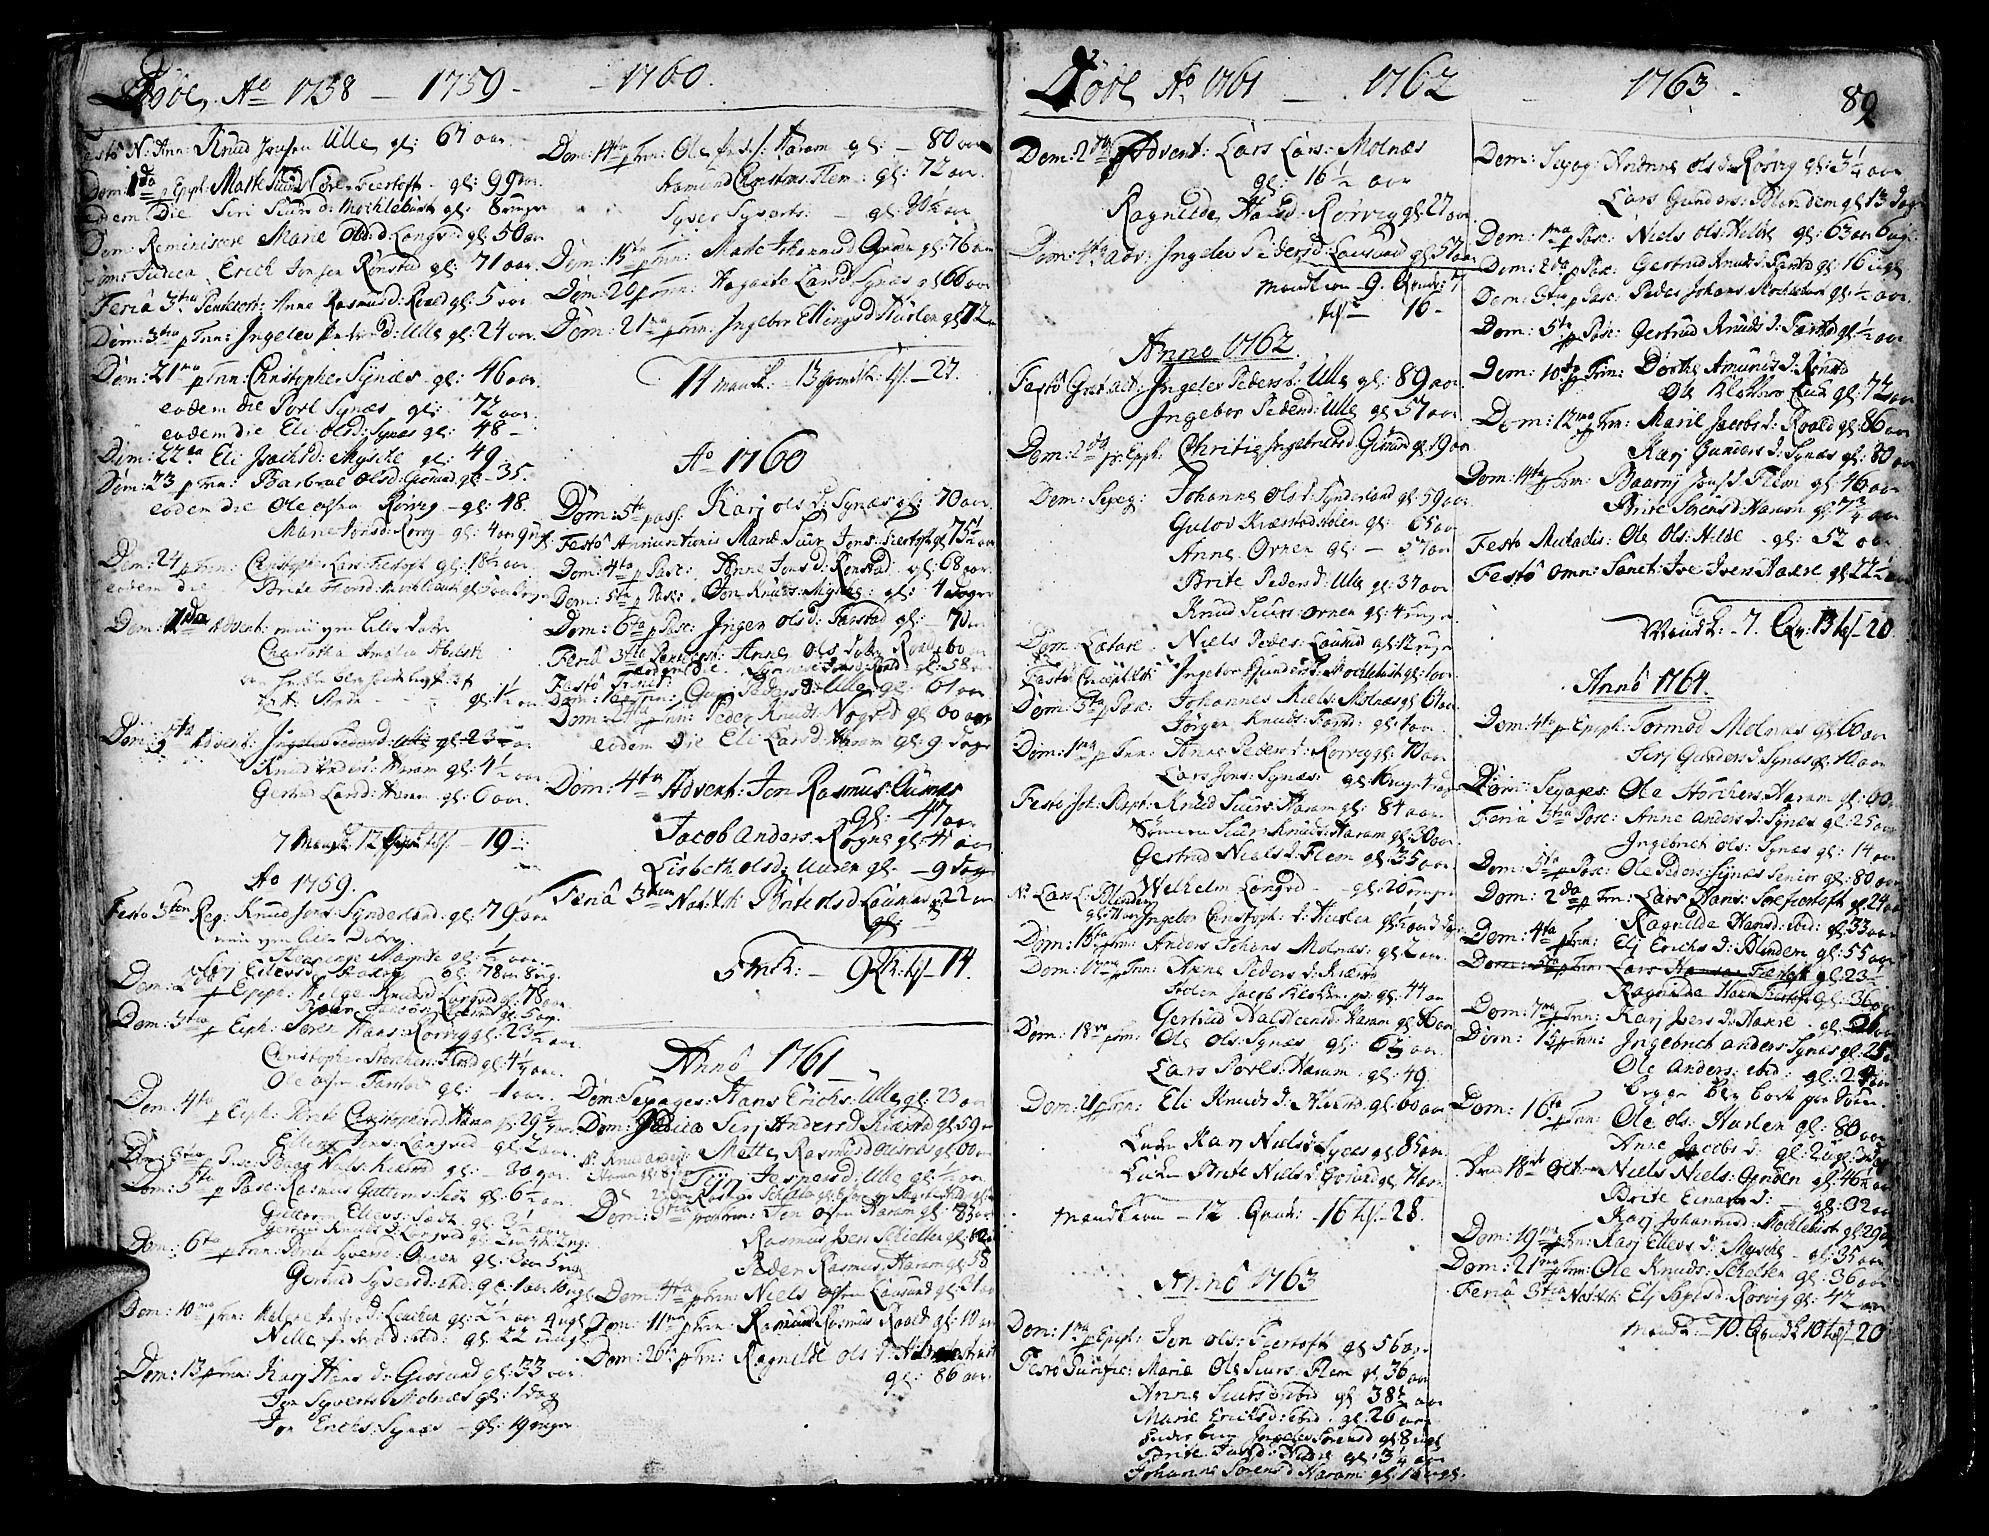 SAT, Ministerialprotokoller, klokkerbøker og fødselsregistre - Møre og Romsdal, 536/L0493: Ministerialbok nr. 536A02, 1739-1802, s. 88-89